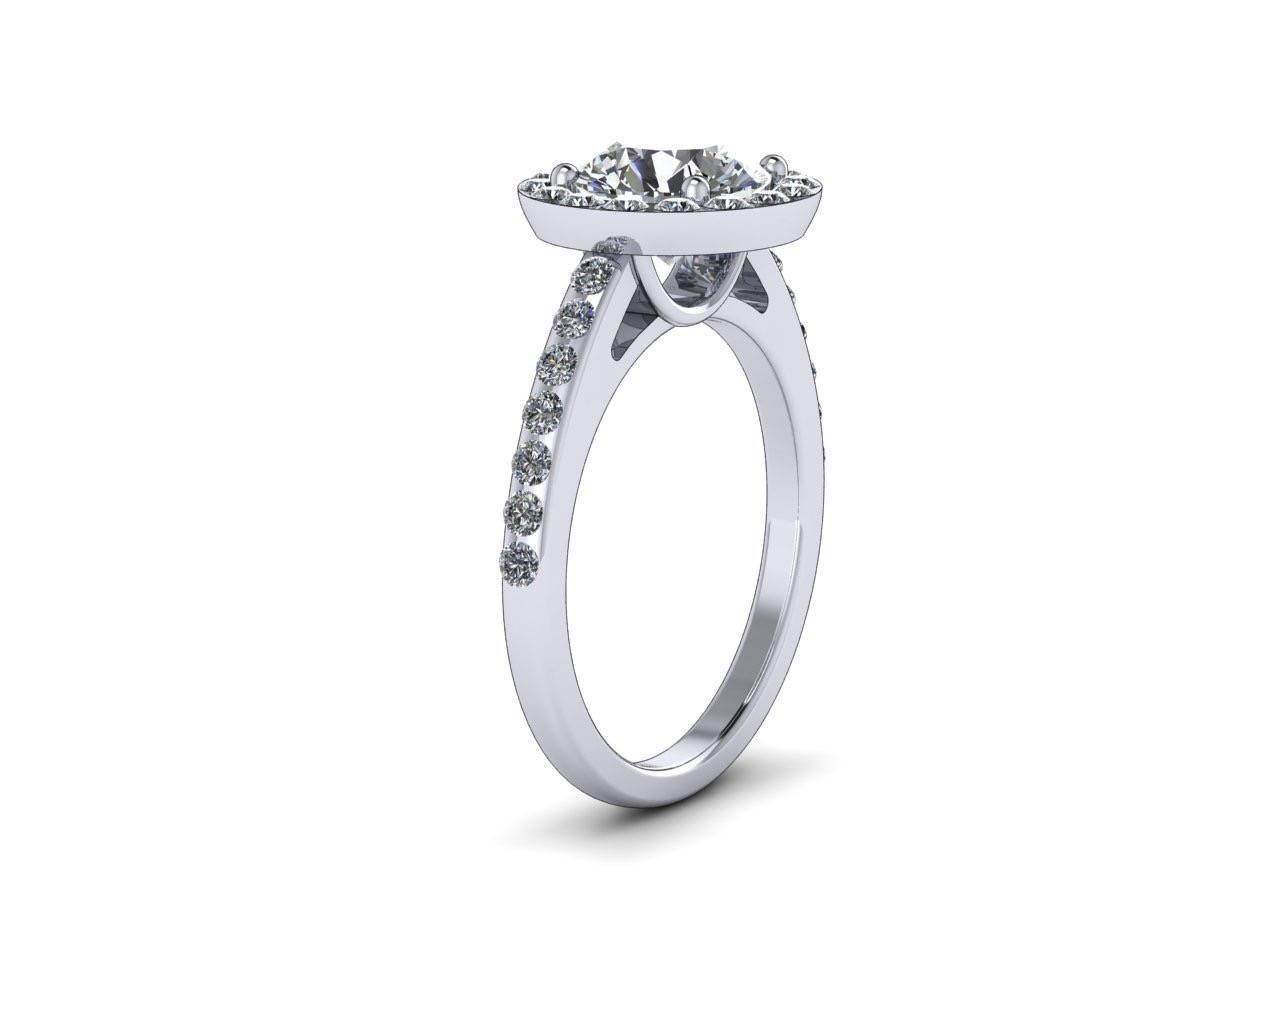 Aayraa jewels - Juwelen - House of Weddings - 18